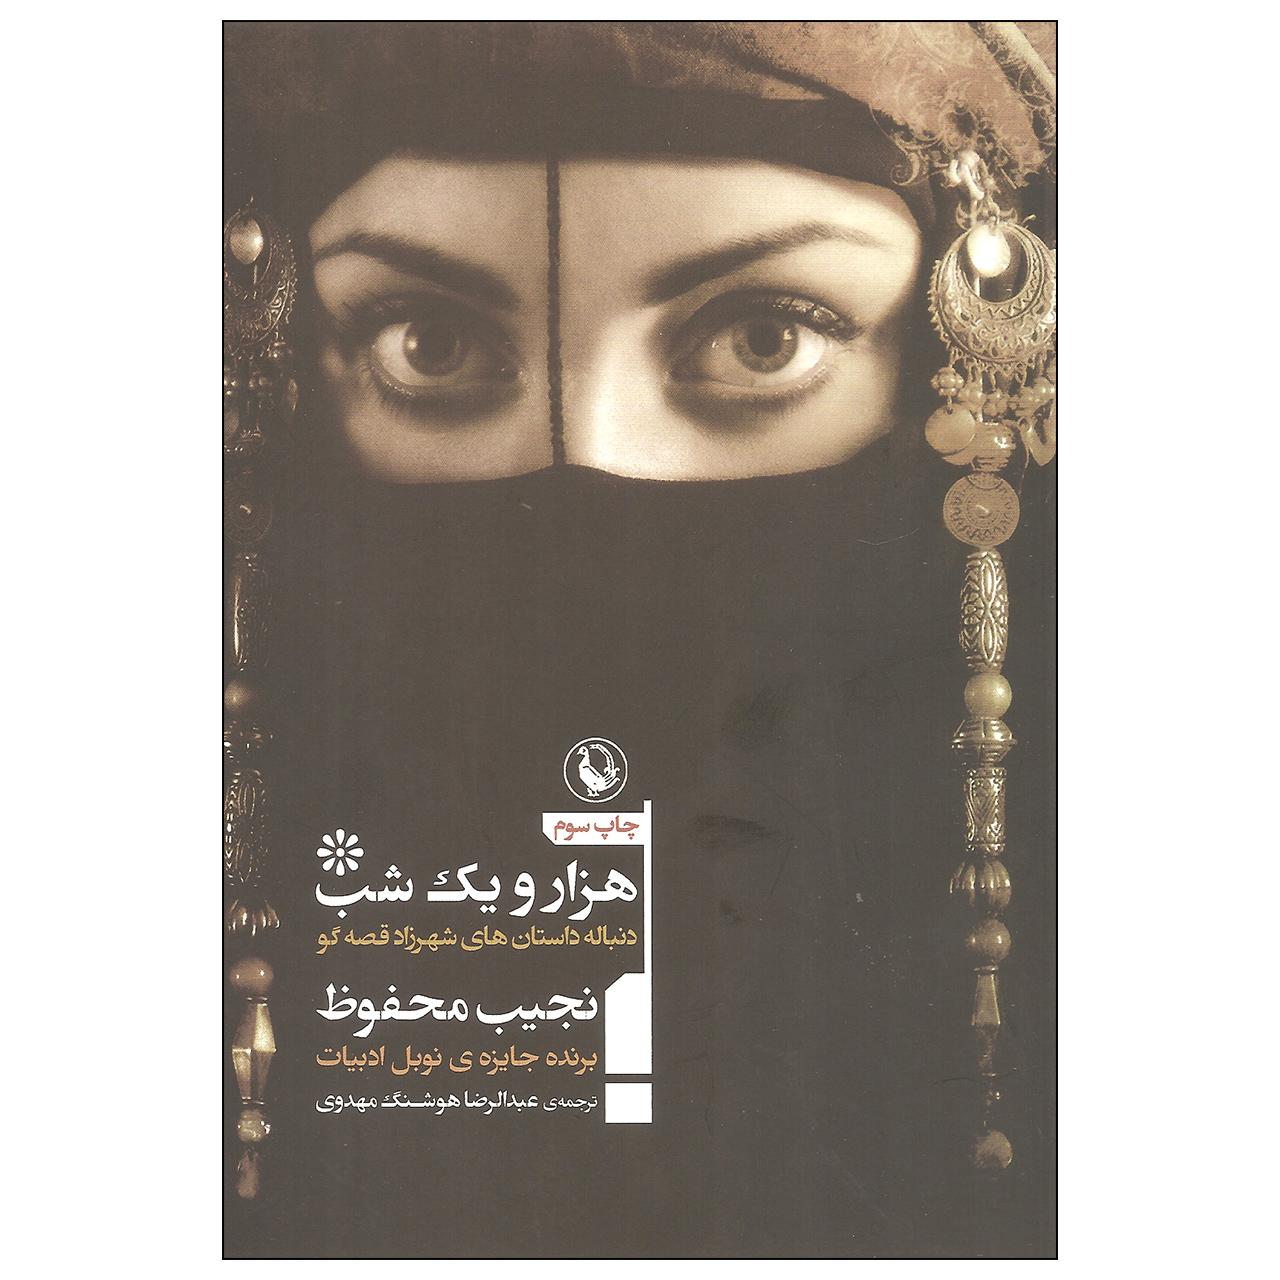 کتاب هزار و یک شب دنباله داستان های شهرزاد قصه گو اثر نجیب محفوظ انتشارات مروارید